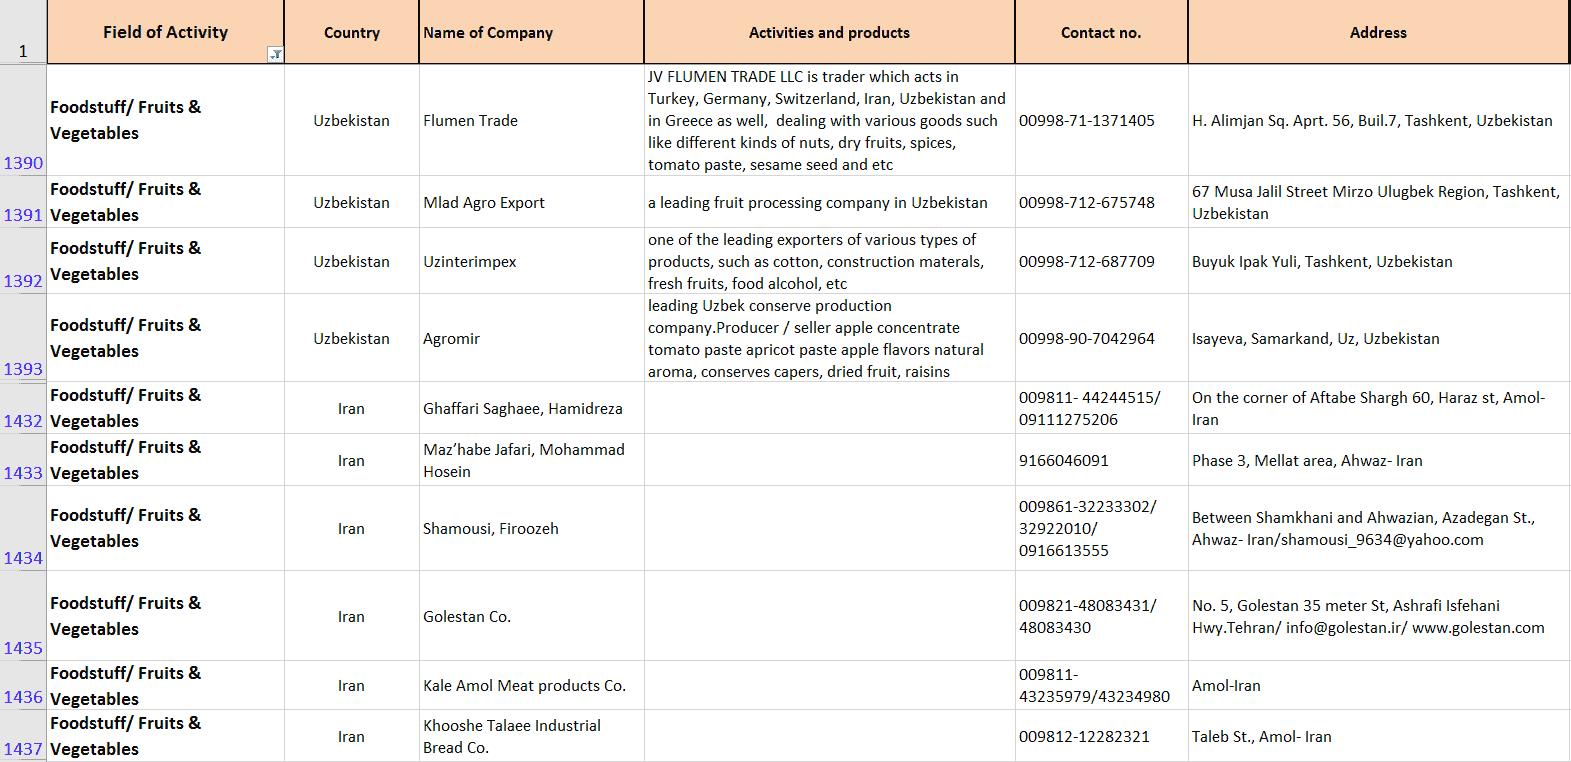 اطلاعات شرکت های حوزه سازمان اقتصادی